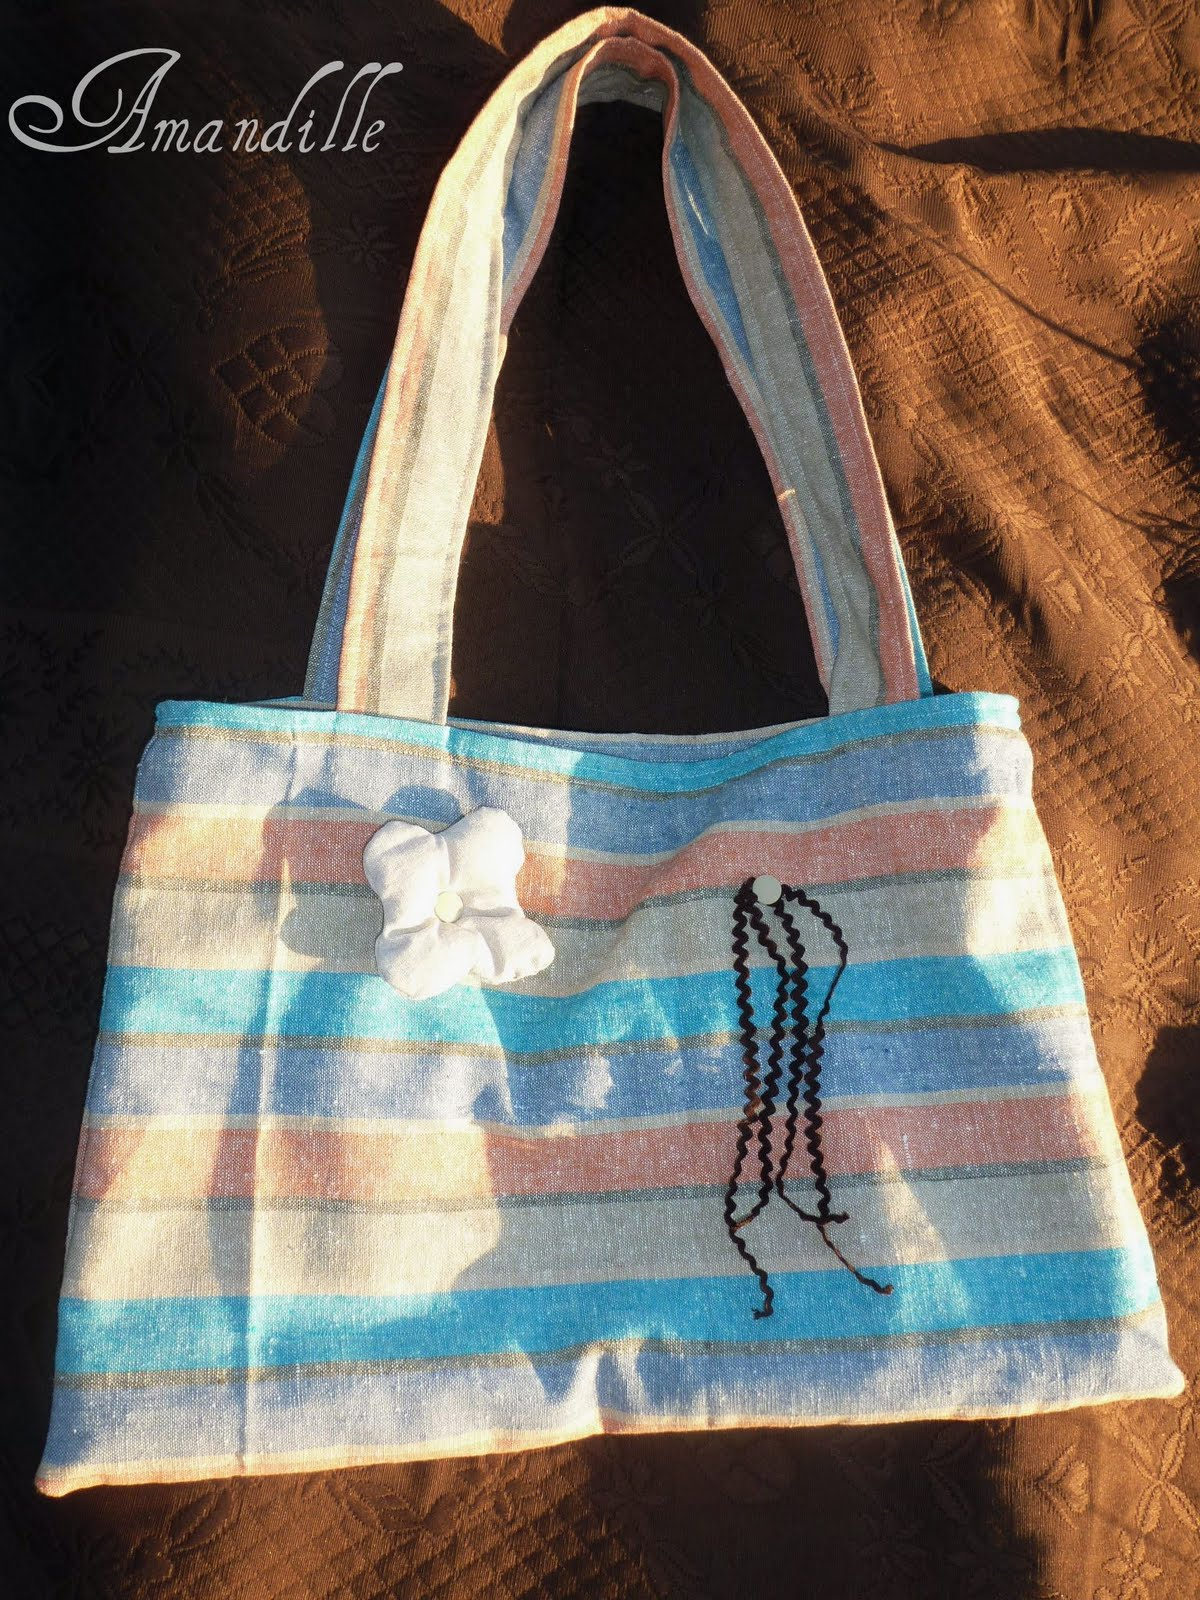 Tuto couture facile le sac de plage en toile patron gratuit pattern free - Comment faire un sac en tissu ...